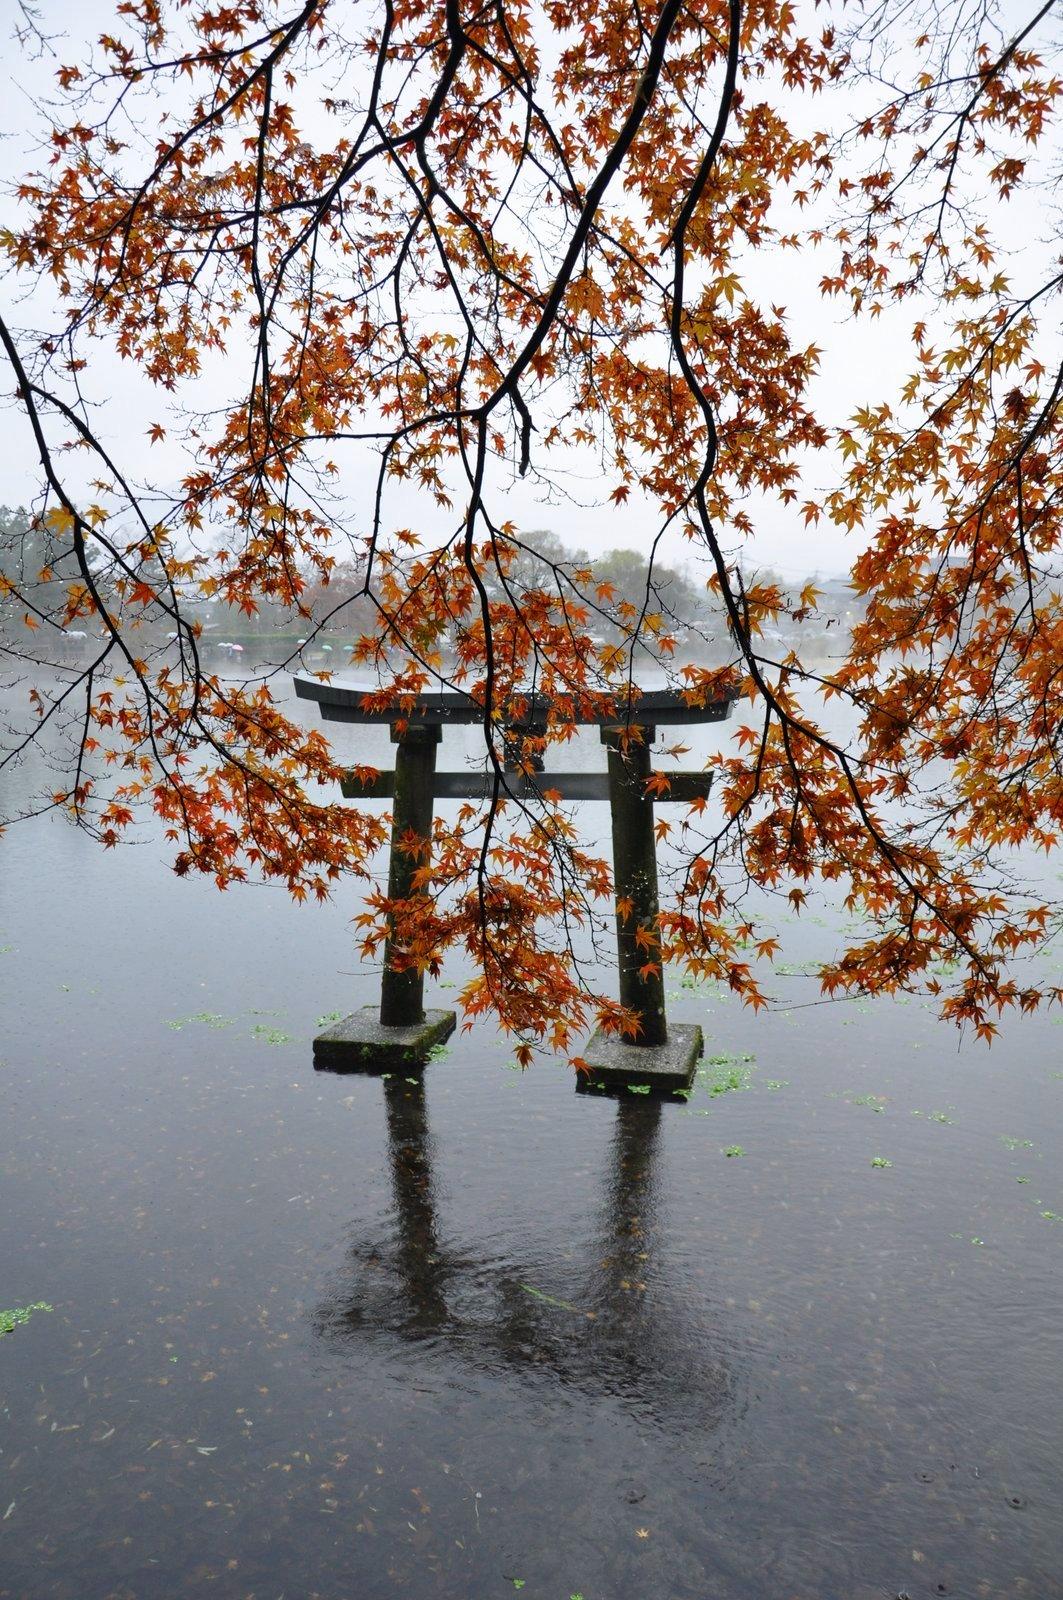 L'île de Kyushu est située au sud du Japon et c'est une destination très nature à découvrir